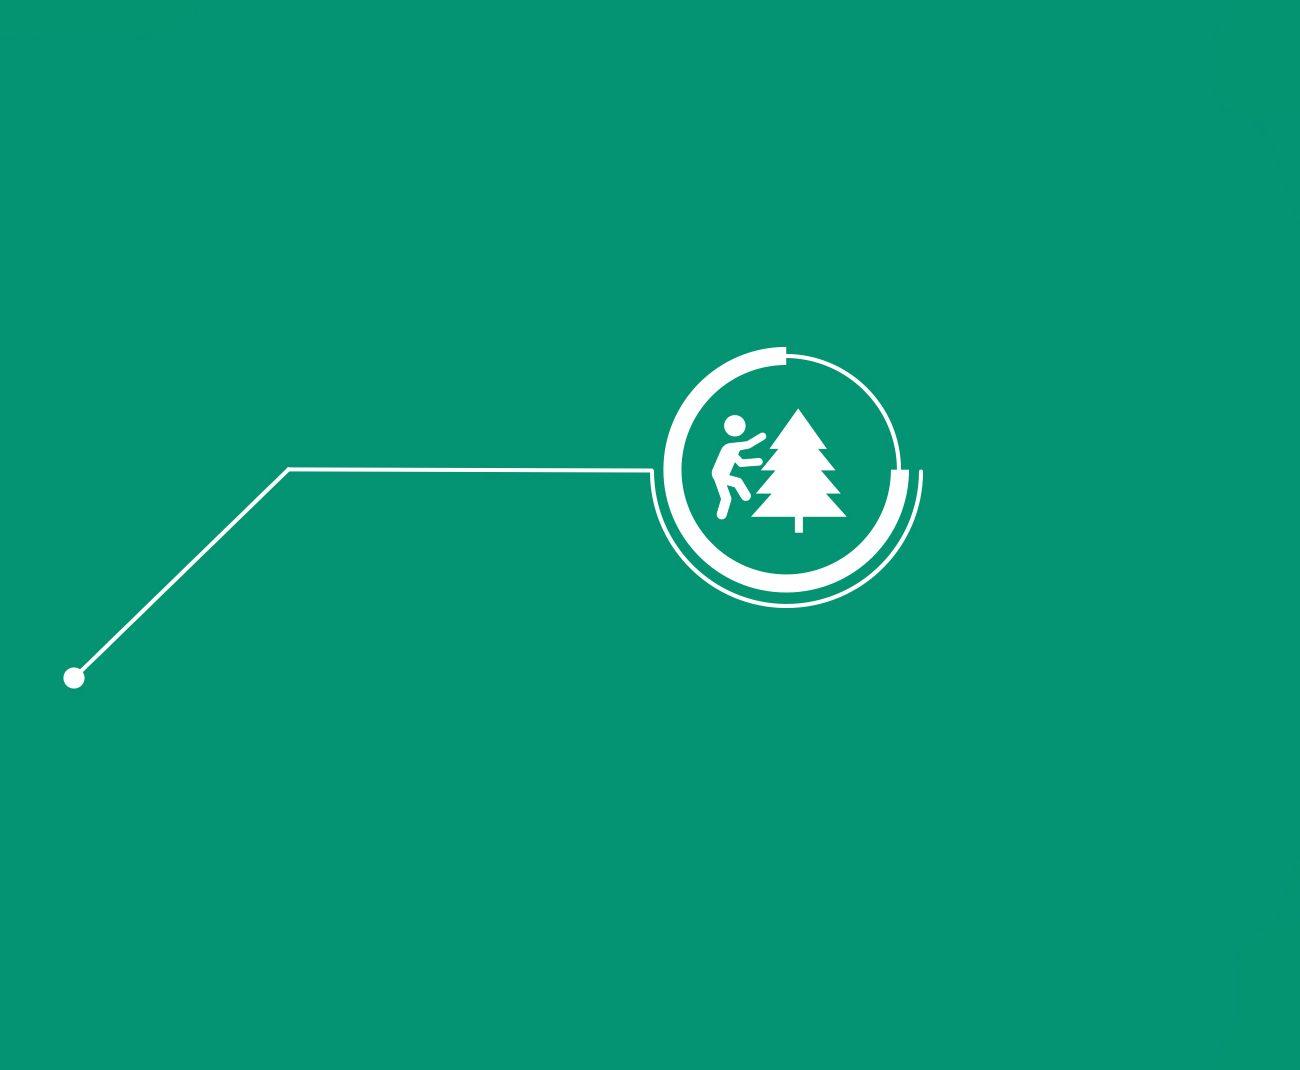 Hvitt ikon at person som klatrer i tre, med grønn bakgrunn